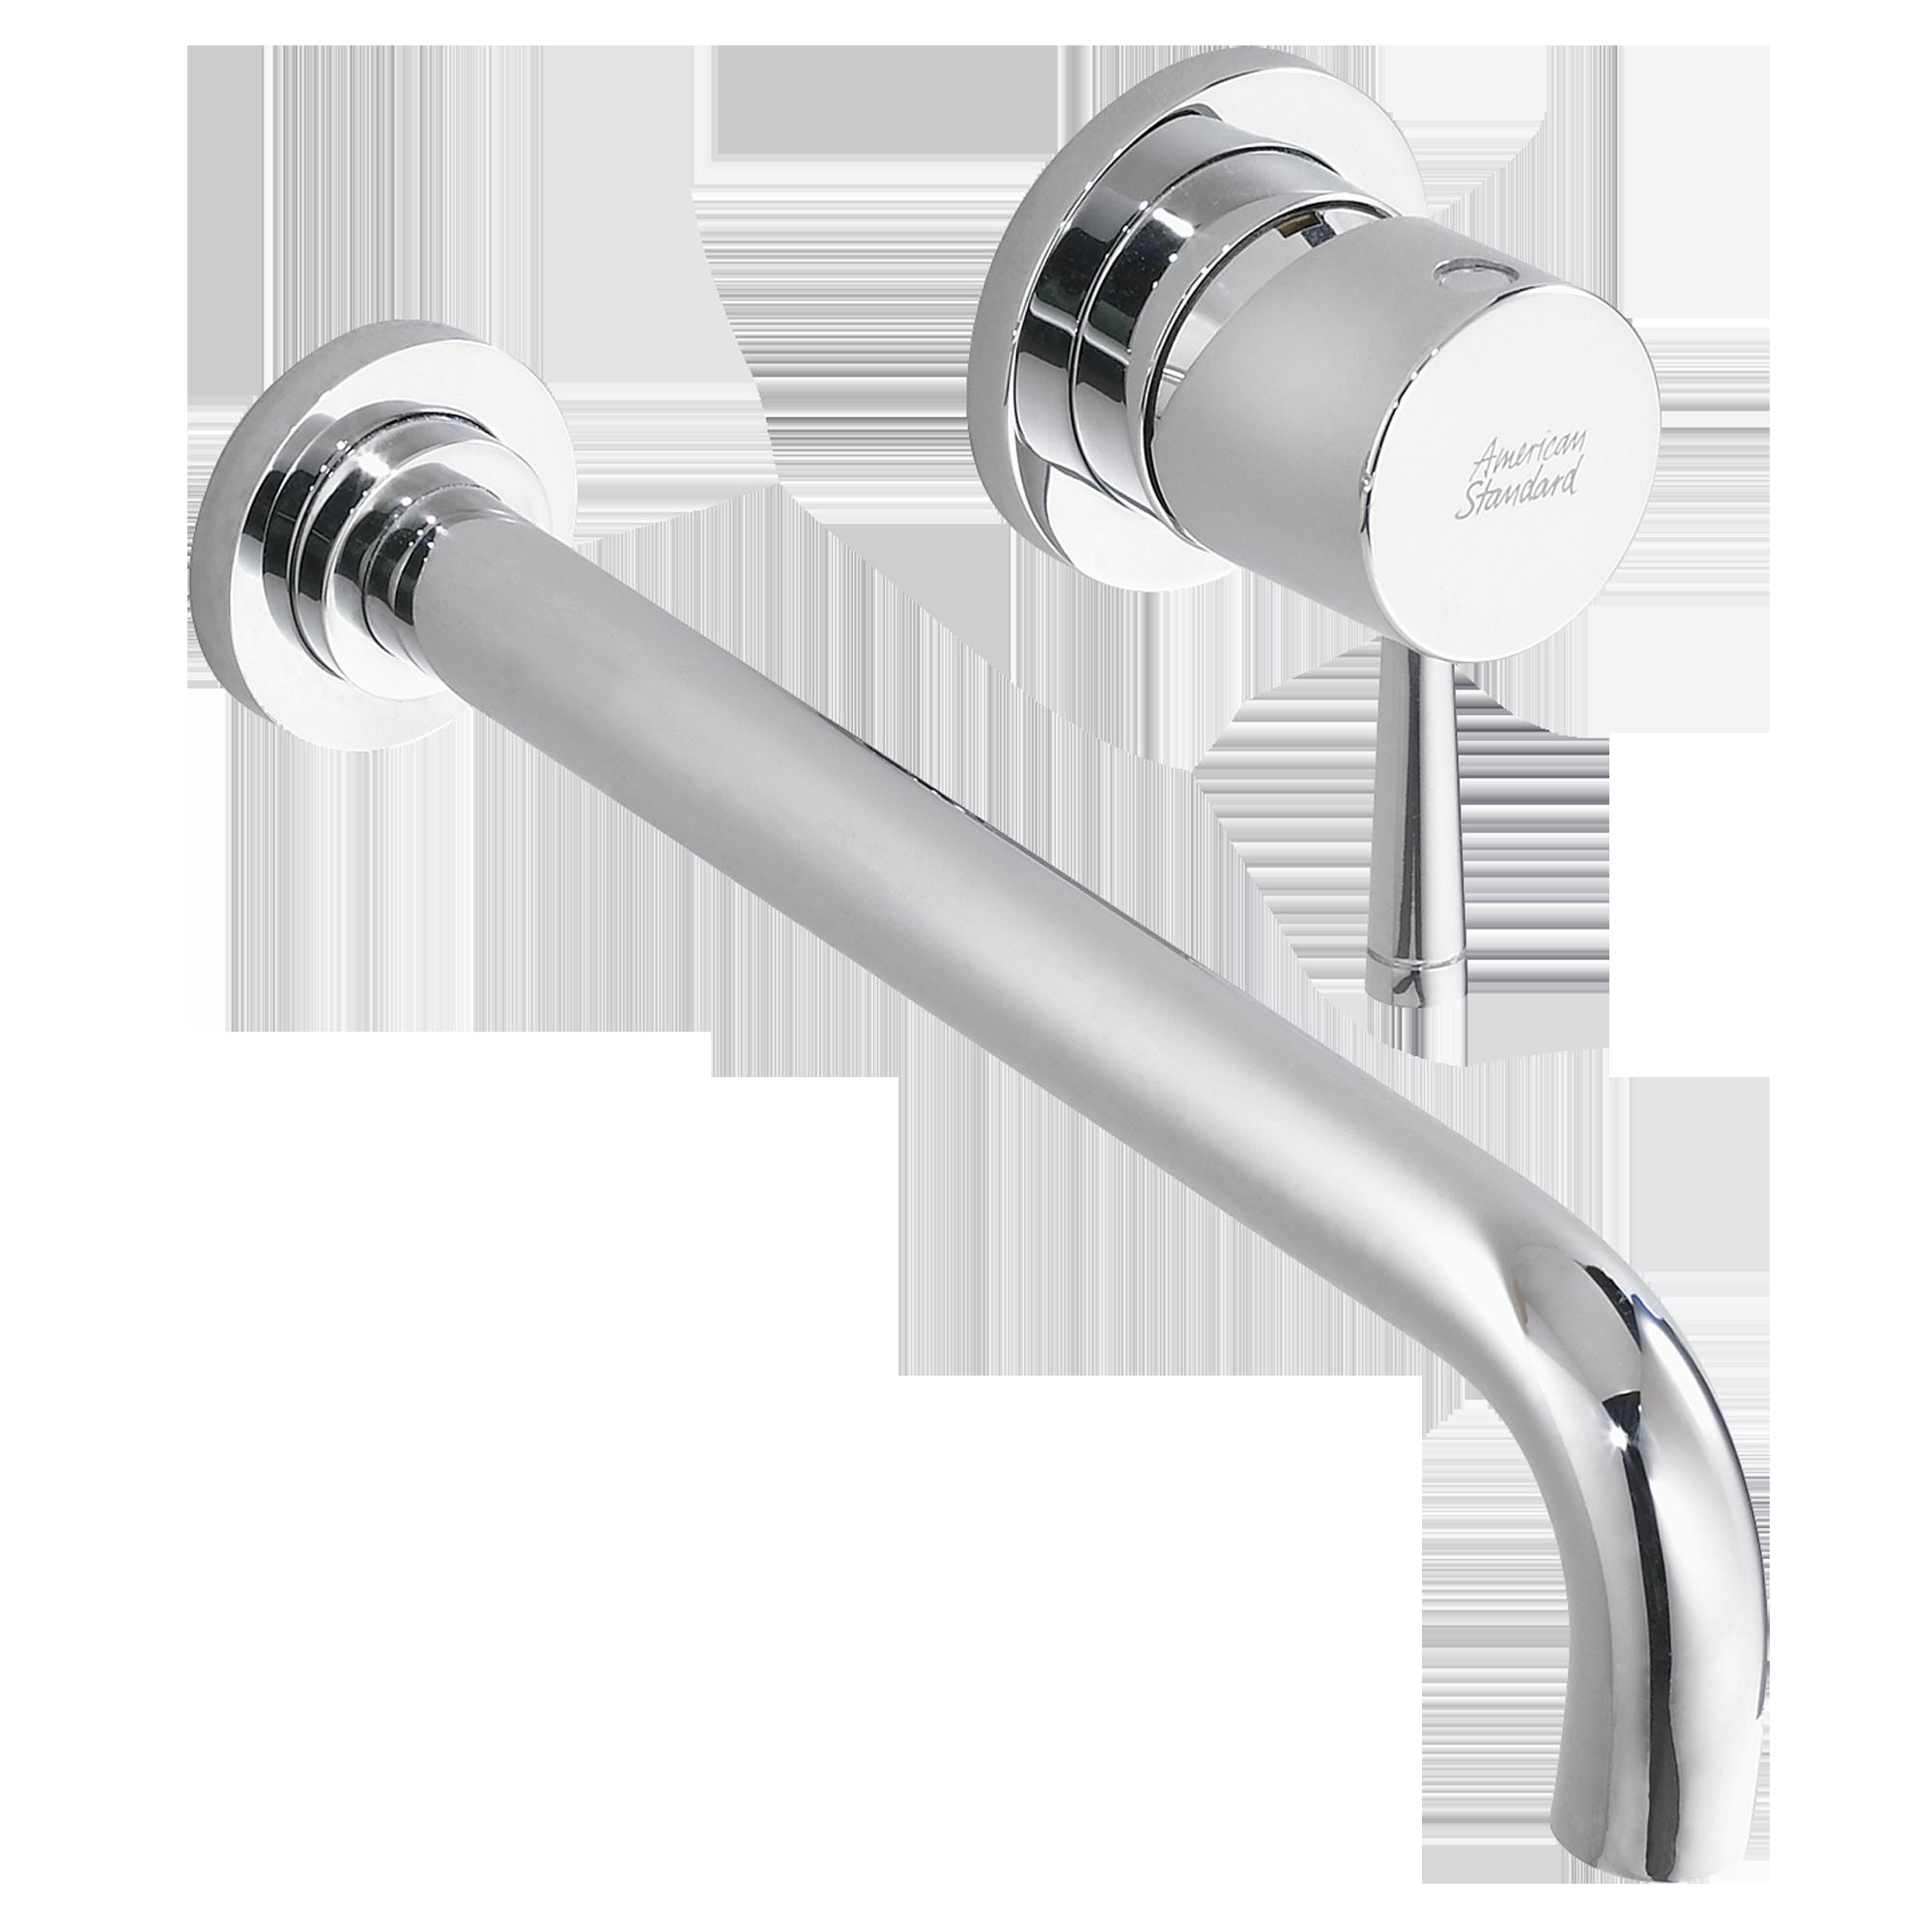 Vessel faucets bathroom sink. Faucet clipart bathtub faucet